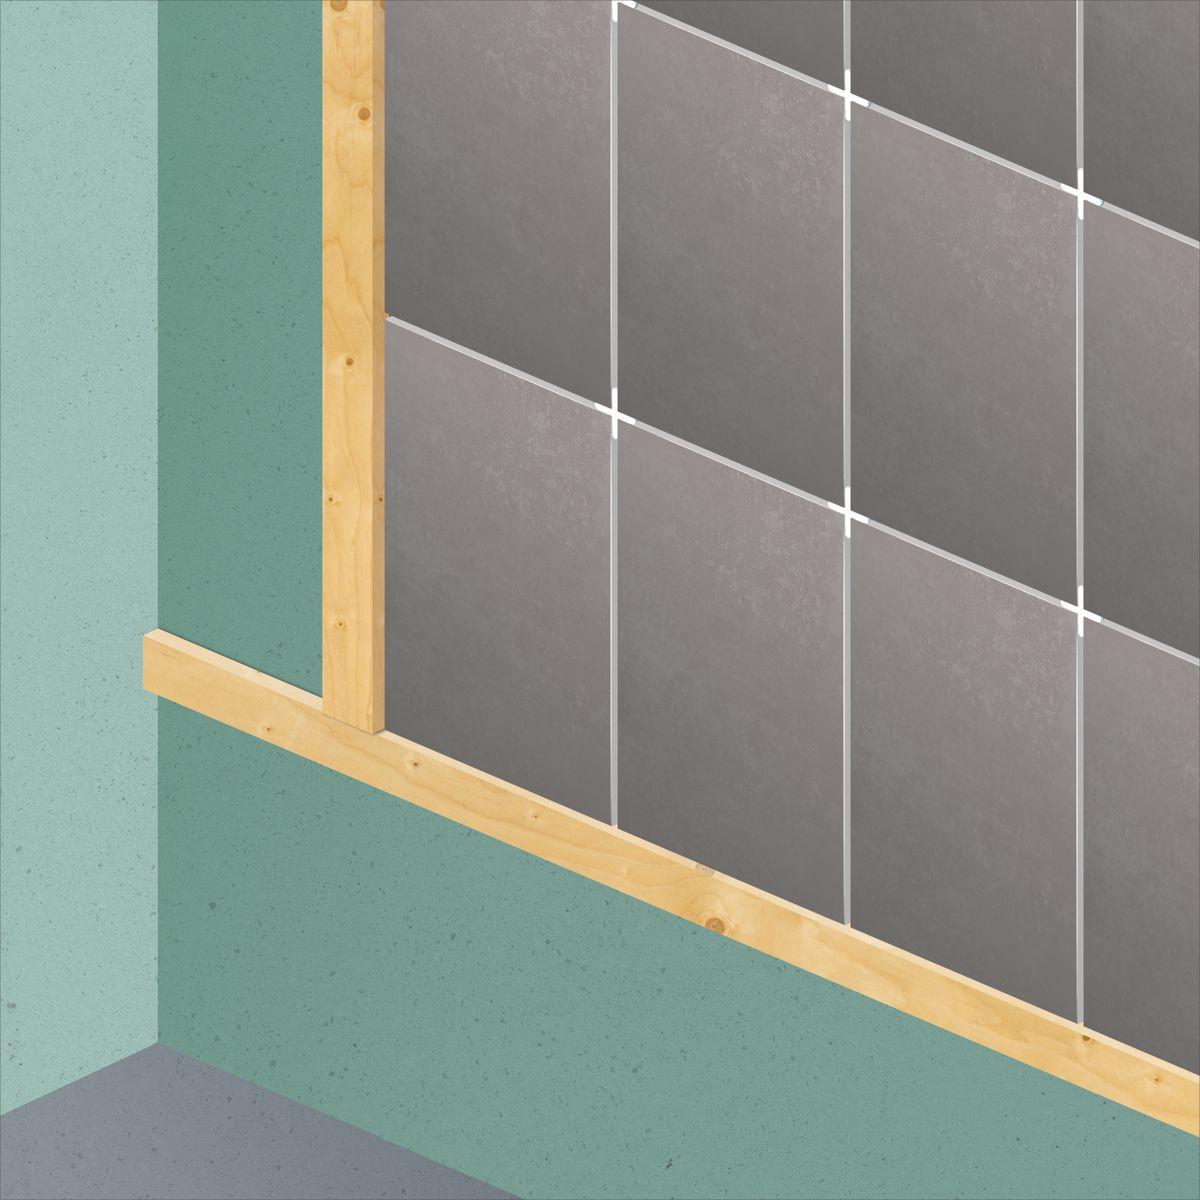 Come posare le piastrelle da rivestimento guide e tutorial leroymerlin - Posare piastrelle bagno ...